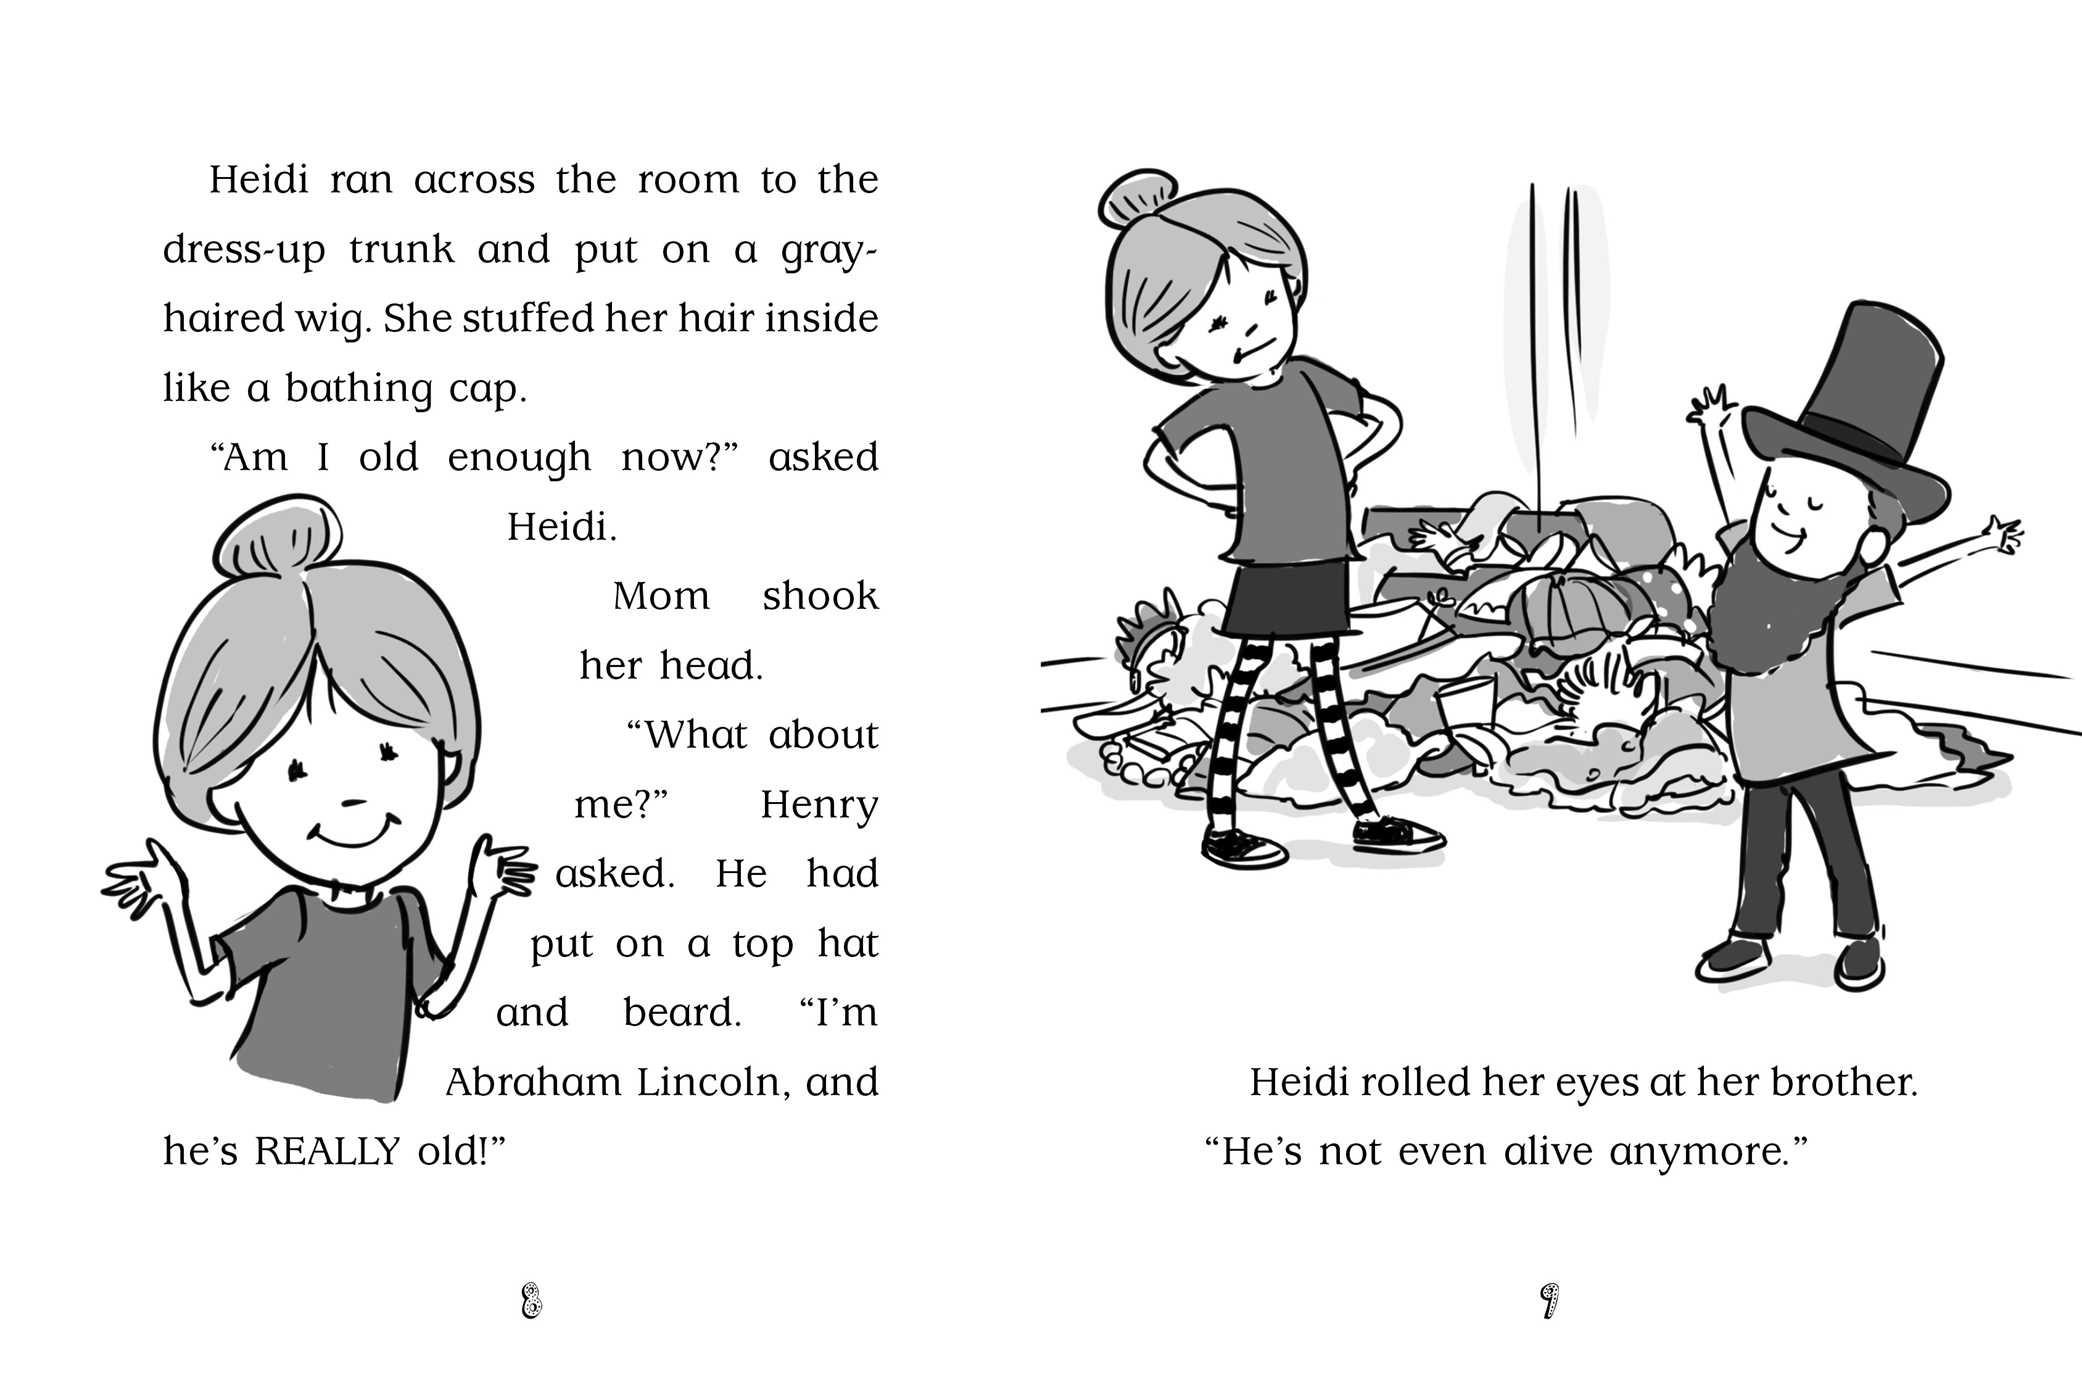 Heidi heckelbeck is the bestest babysitter 9781481446303.in02